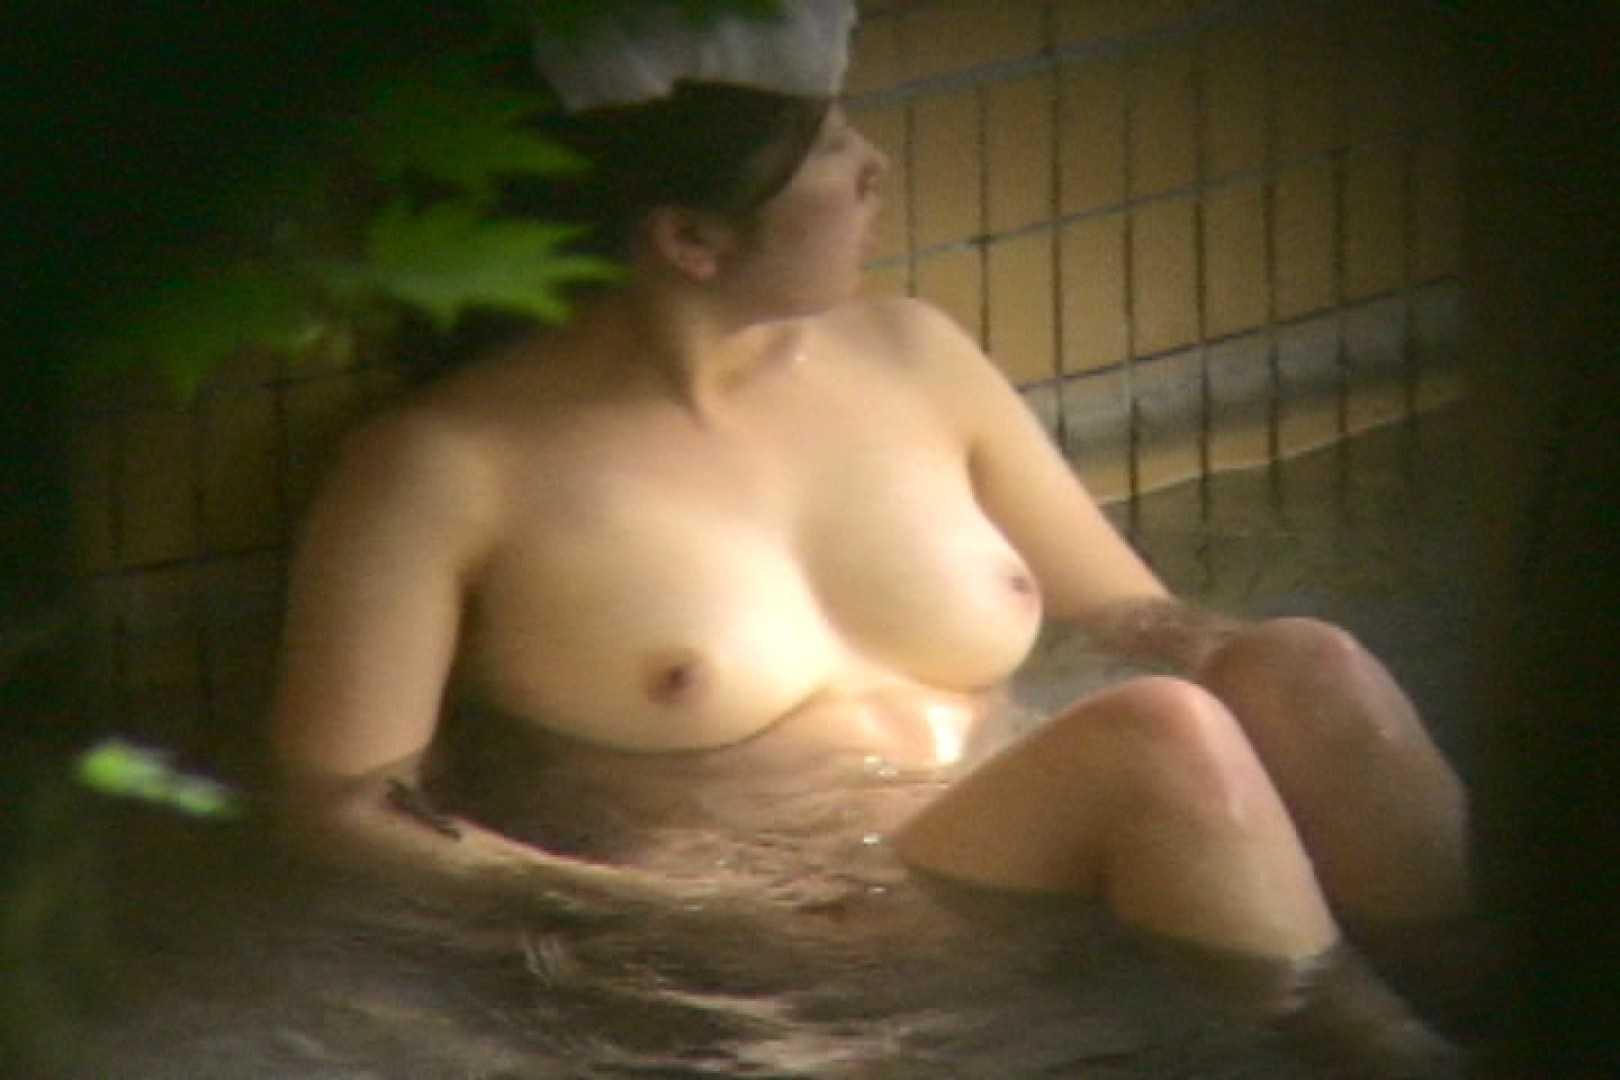 Aquaな露天風呂Vol.704 美しいOLの裸体 覗きおまんこ画像 75pic 68